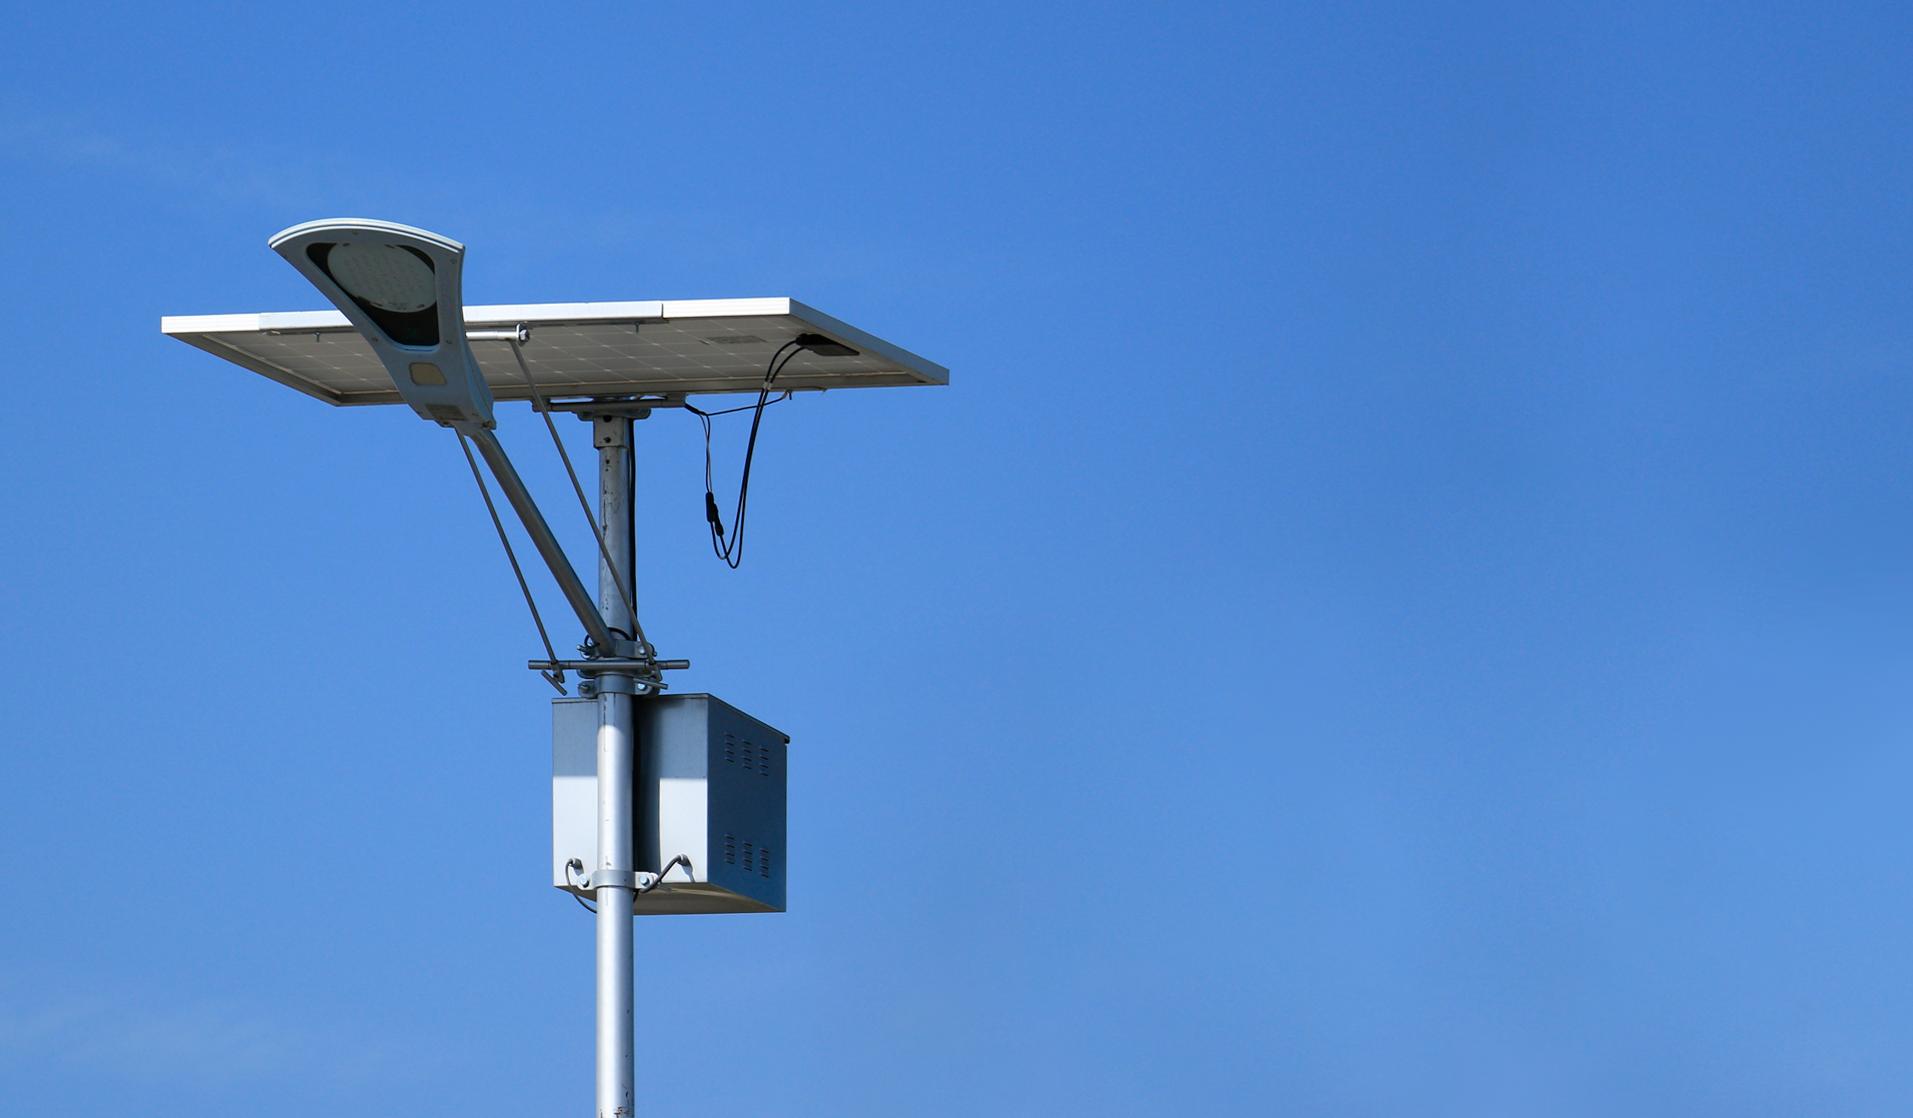 ¿Piensas invertir en alumbrado público en tu municipio?  Que te parece ahorrar energía solar